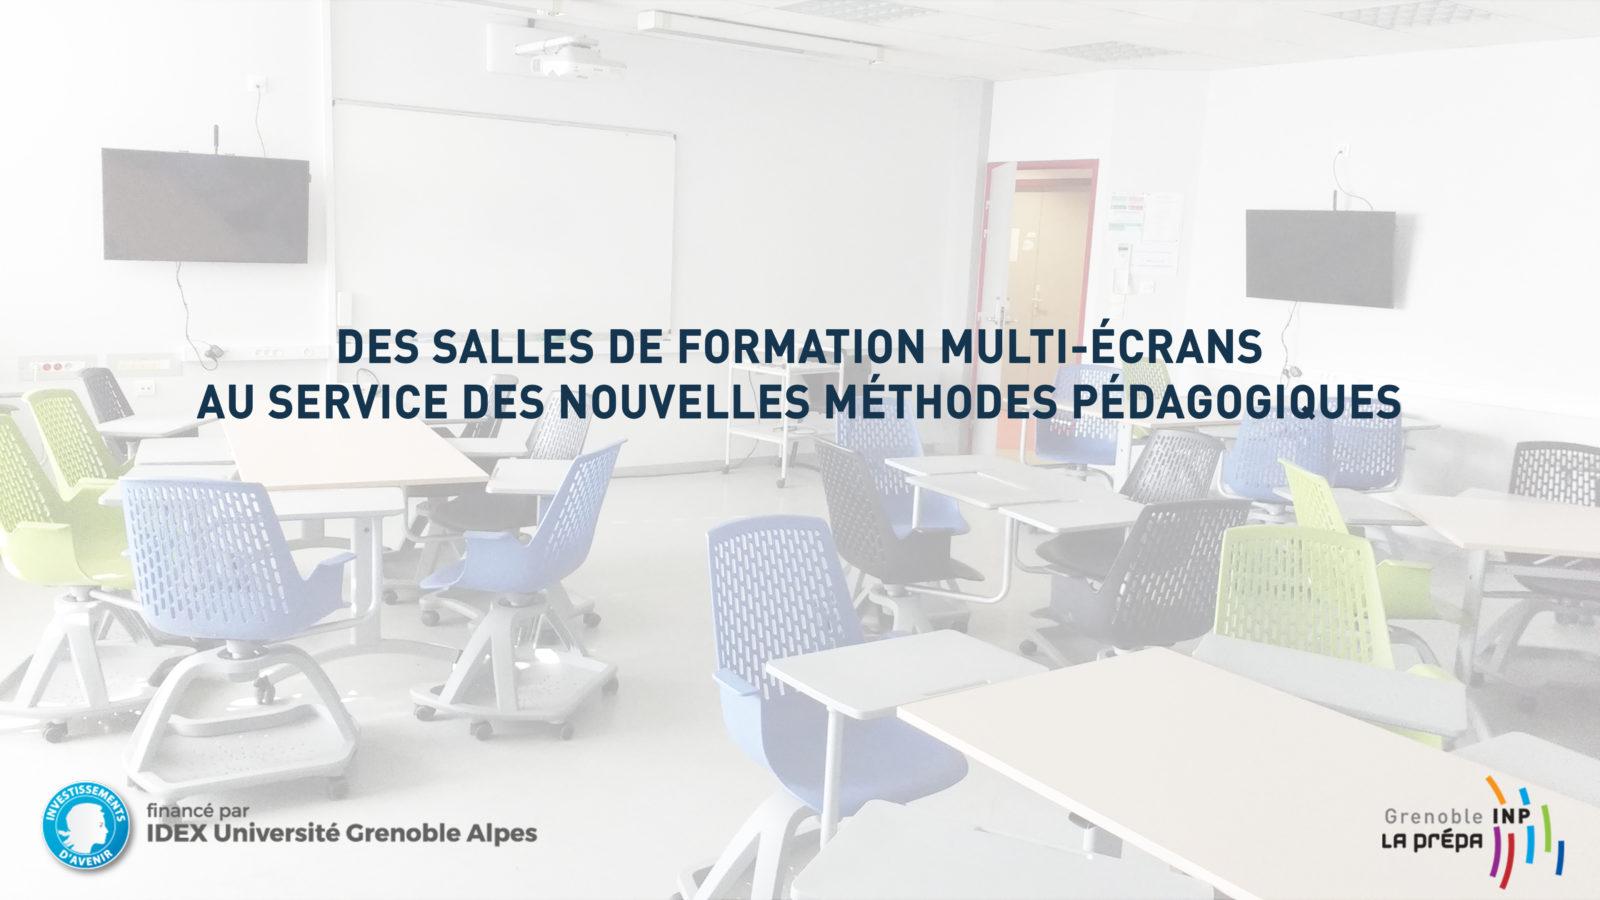 Des salles de formation multi-écrans au service des nouvelles méthodes pédagogiques